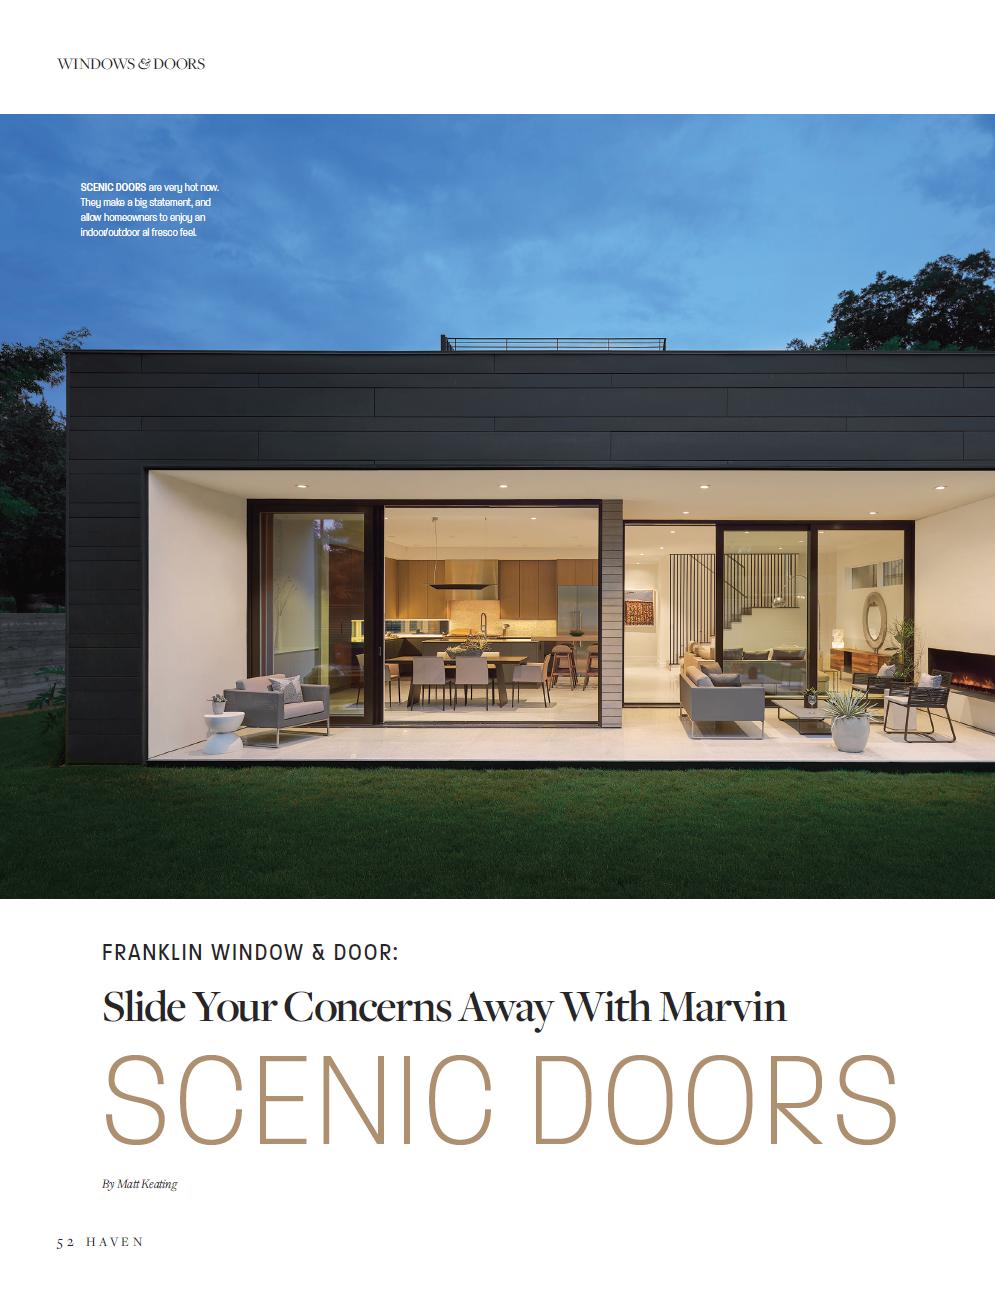 Franklin Window Door Slide Your Concerns Away With Marvin Scenic Doors Click The Photo To Read The Article Slide Your Co Windows And Doors Windows Doors